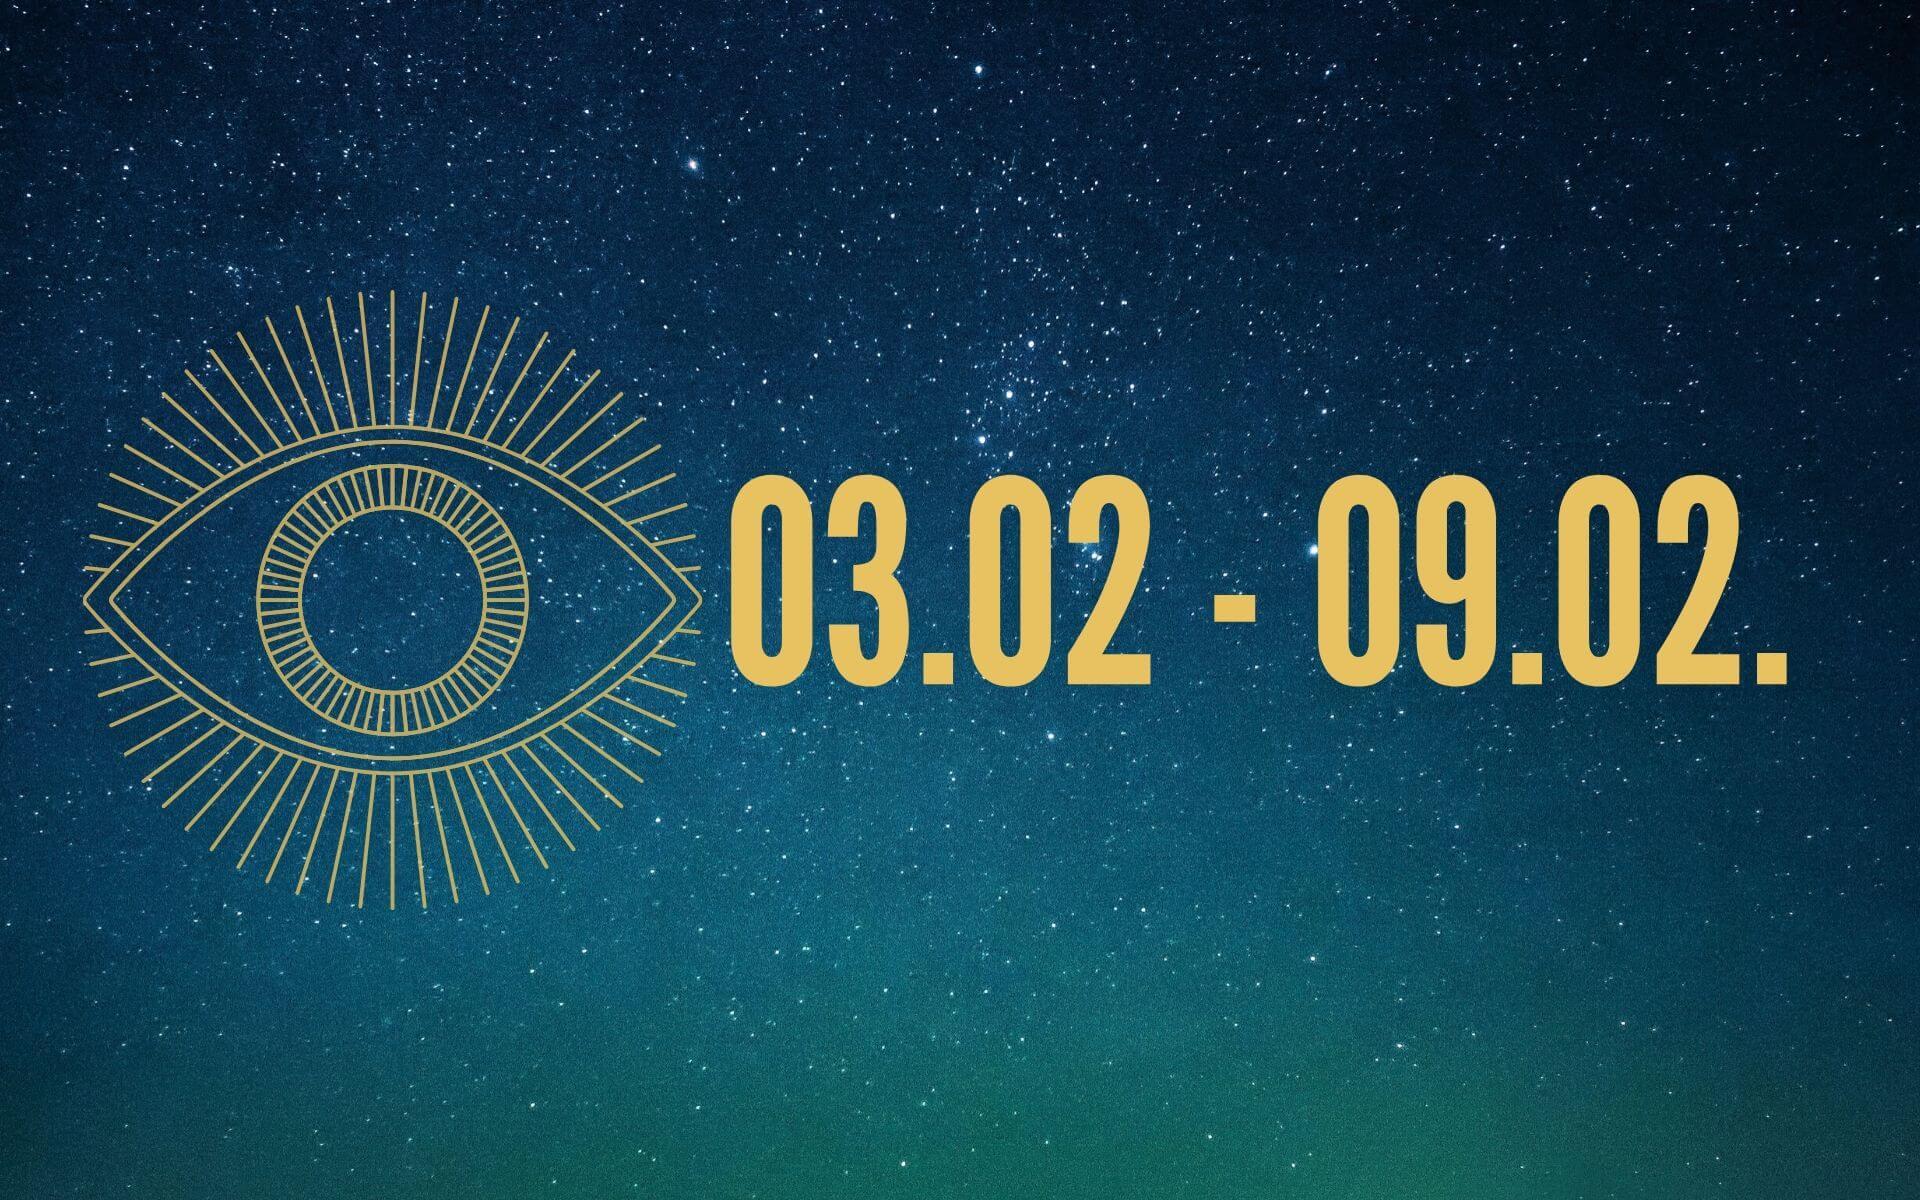 MILAs Liebeshoroskop 03.02. - 09.02. - Was erwartet dein Sternzeichen?